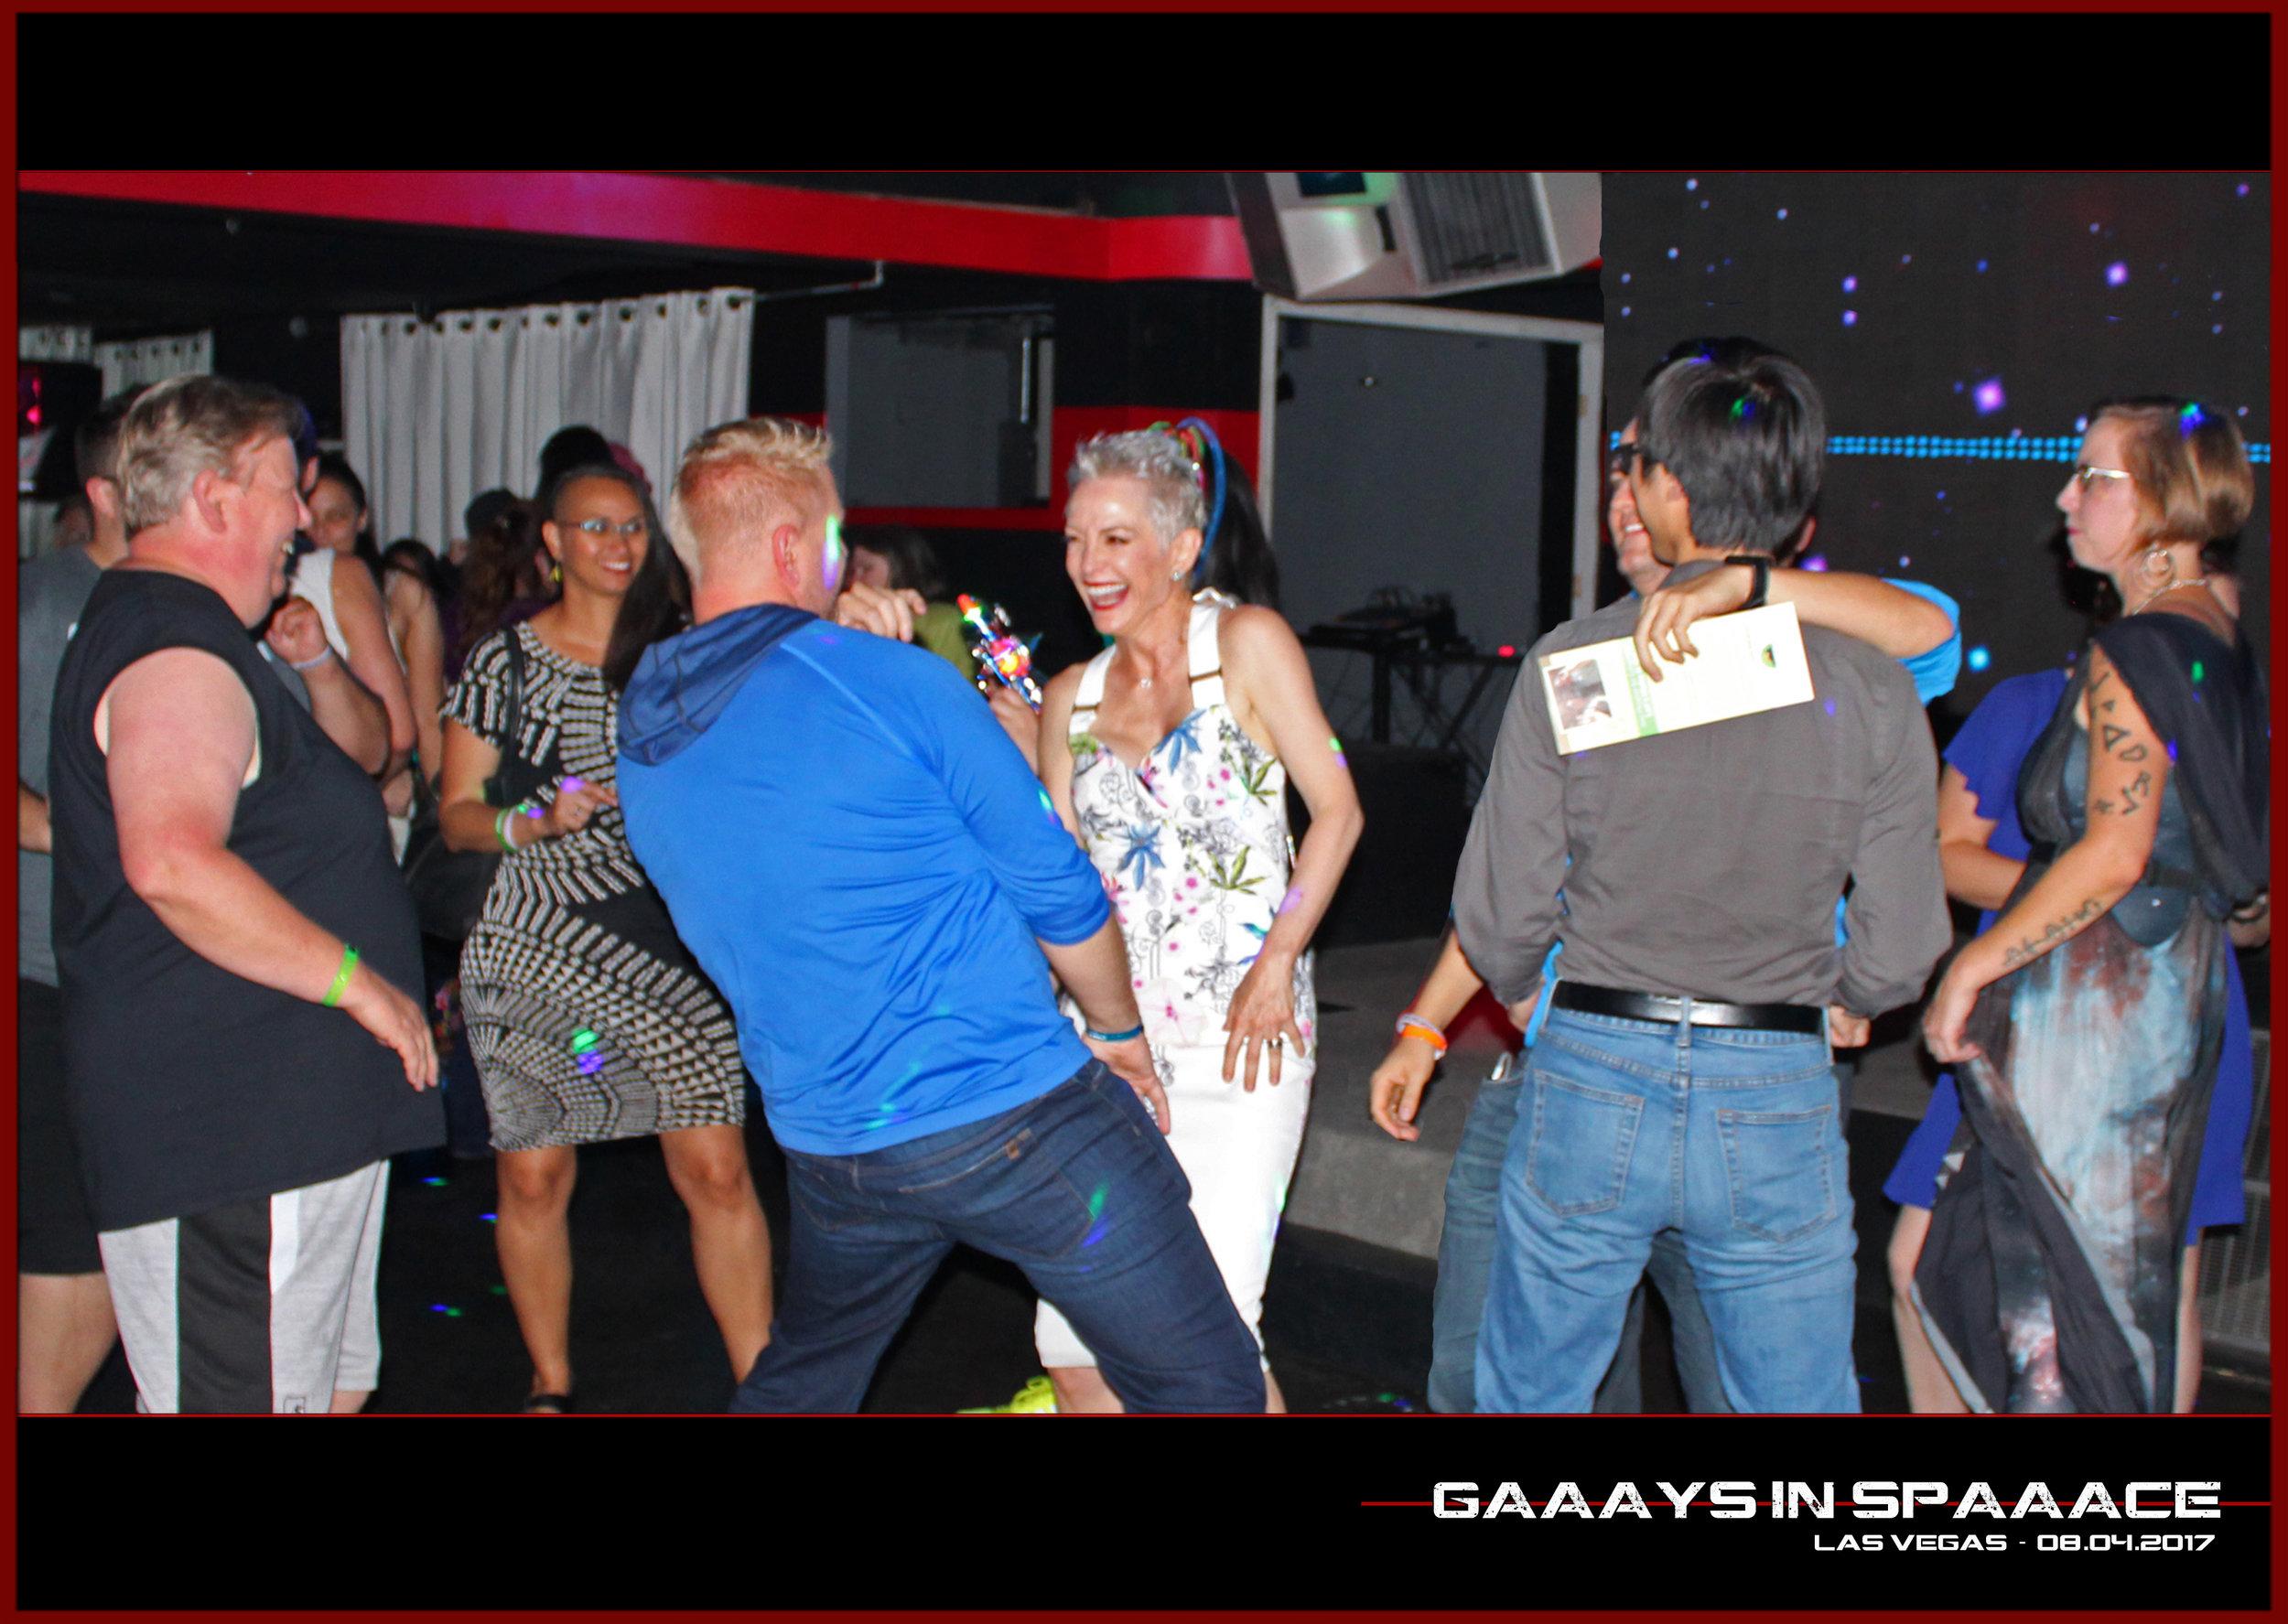 49-GIS-VEGAS-8-4-17-NanaVisitor-on-DanceFloor.jpg